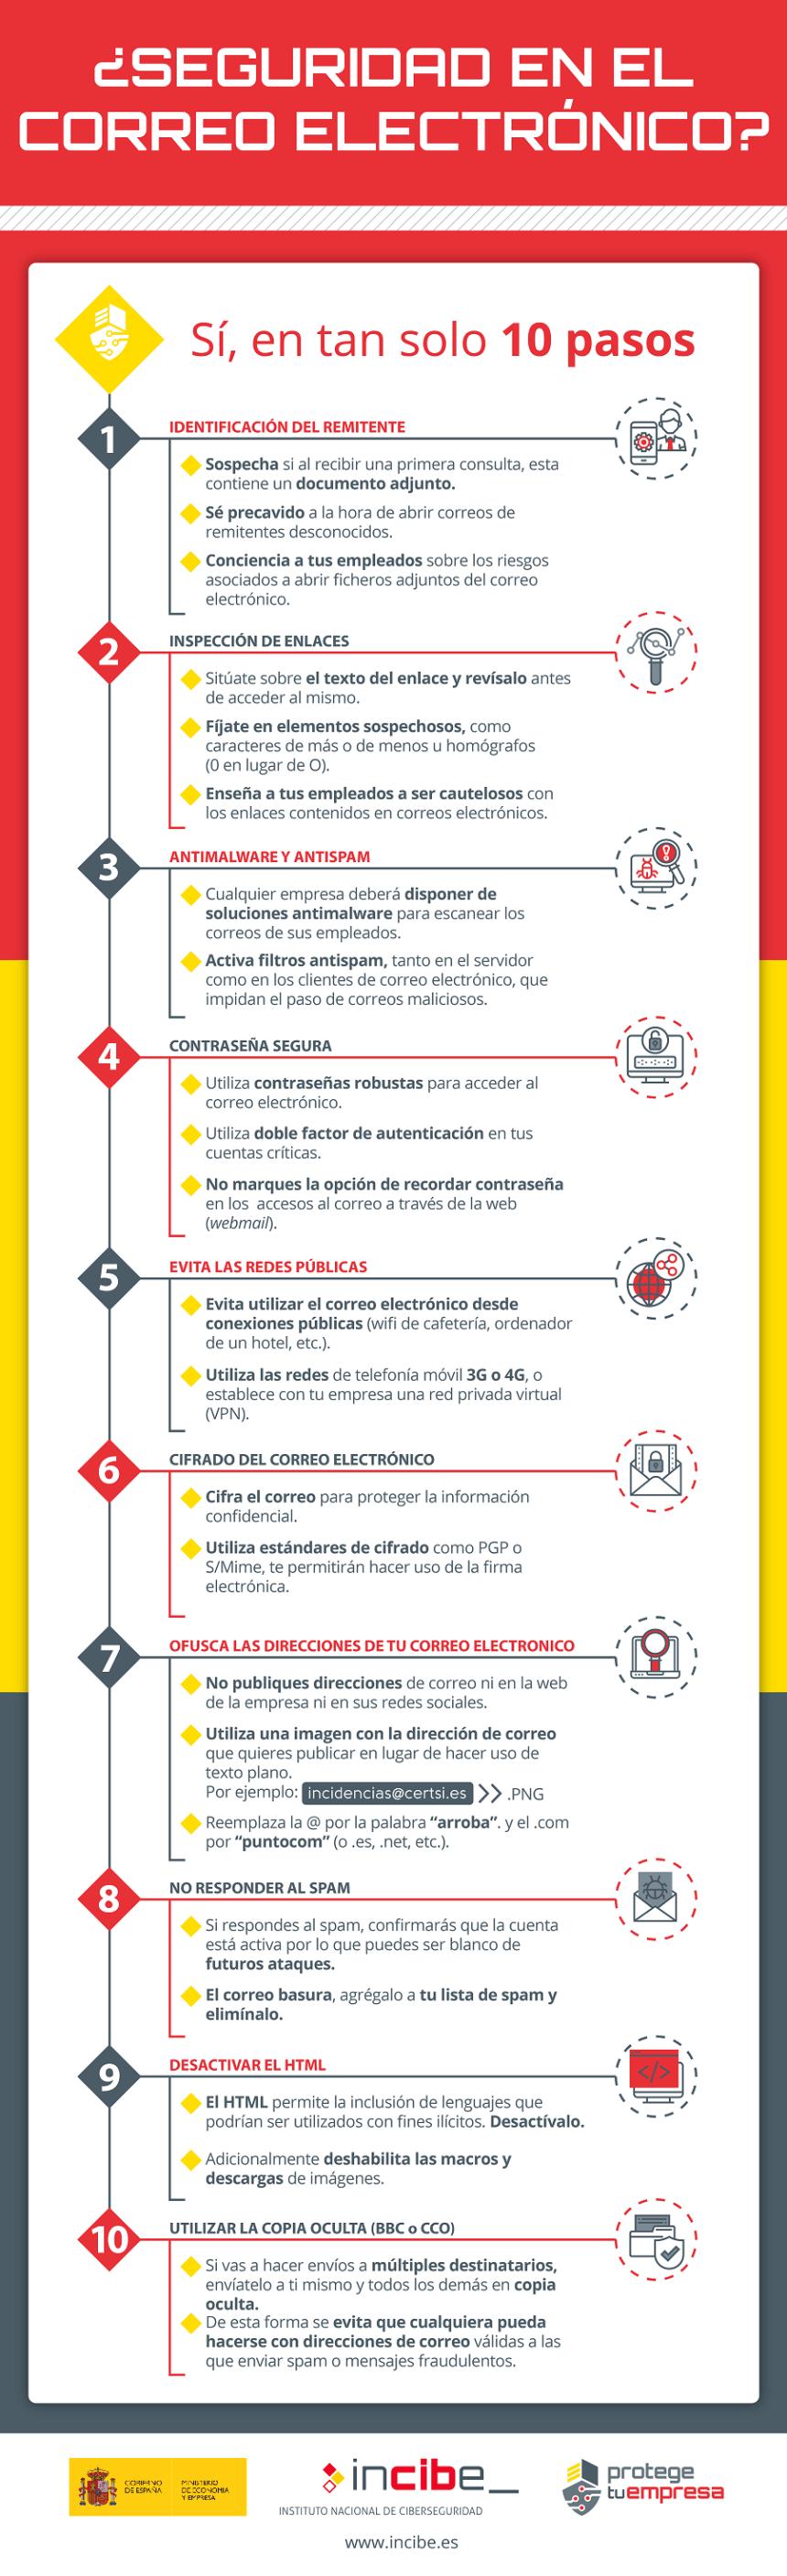 10 pasos para la Seguridad en el Correo Electrónico #infografia #infographic #CiberSeguridad